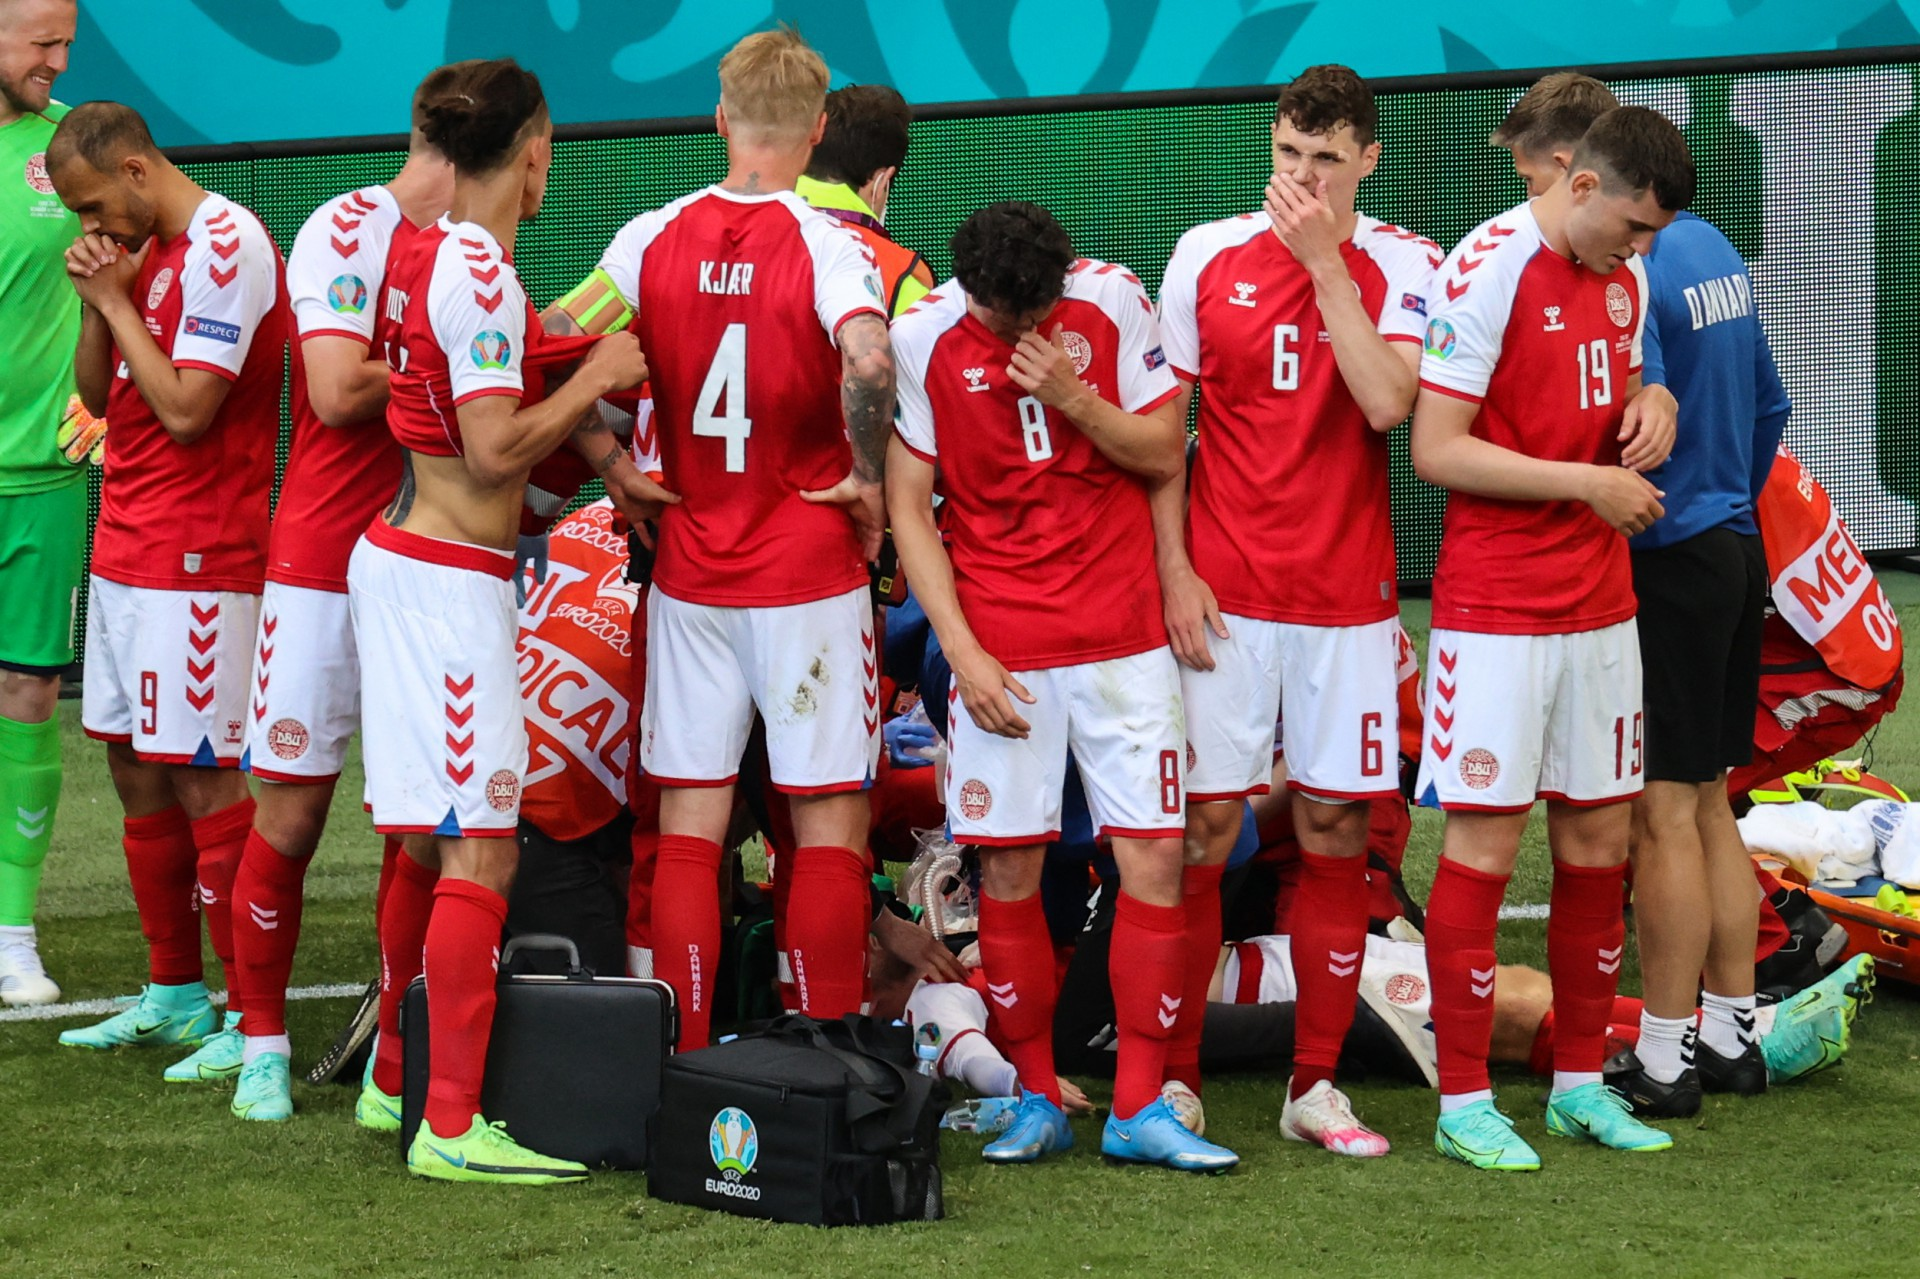 Meia Christian Eriksen passou mal em jogo da Dinamarca contra a Finlândia na Eurocopa